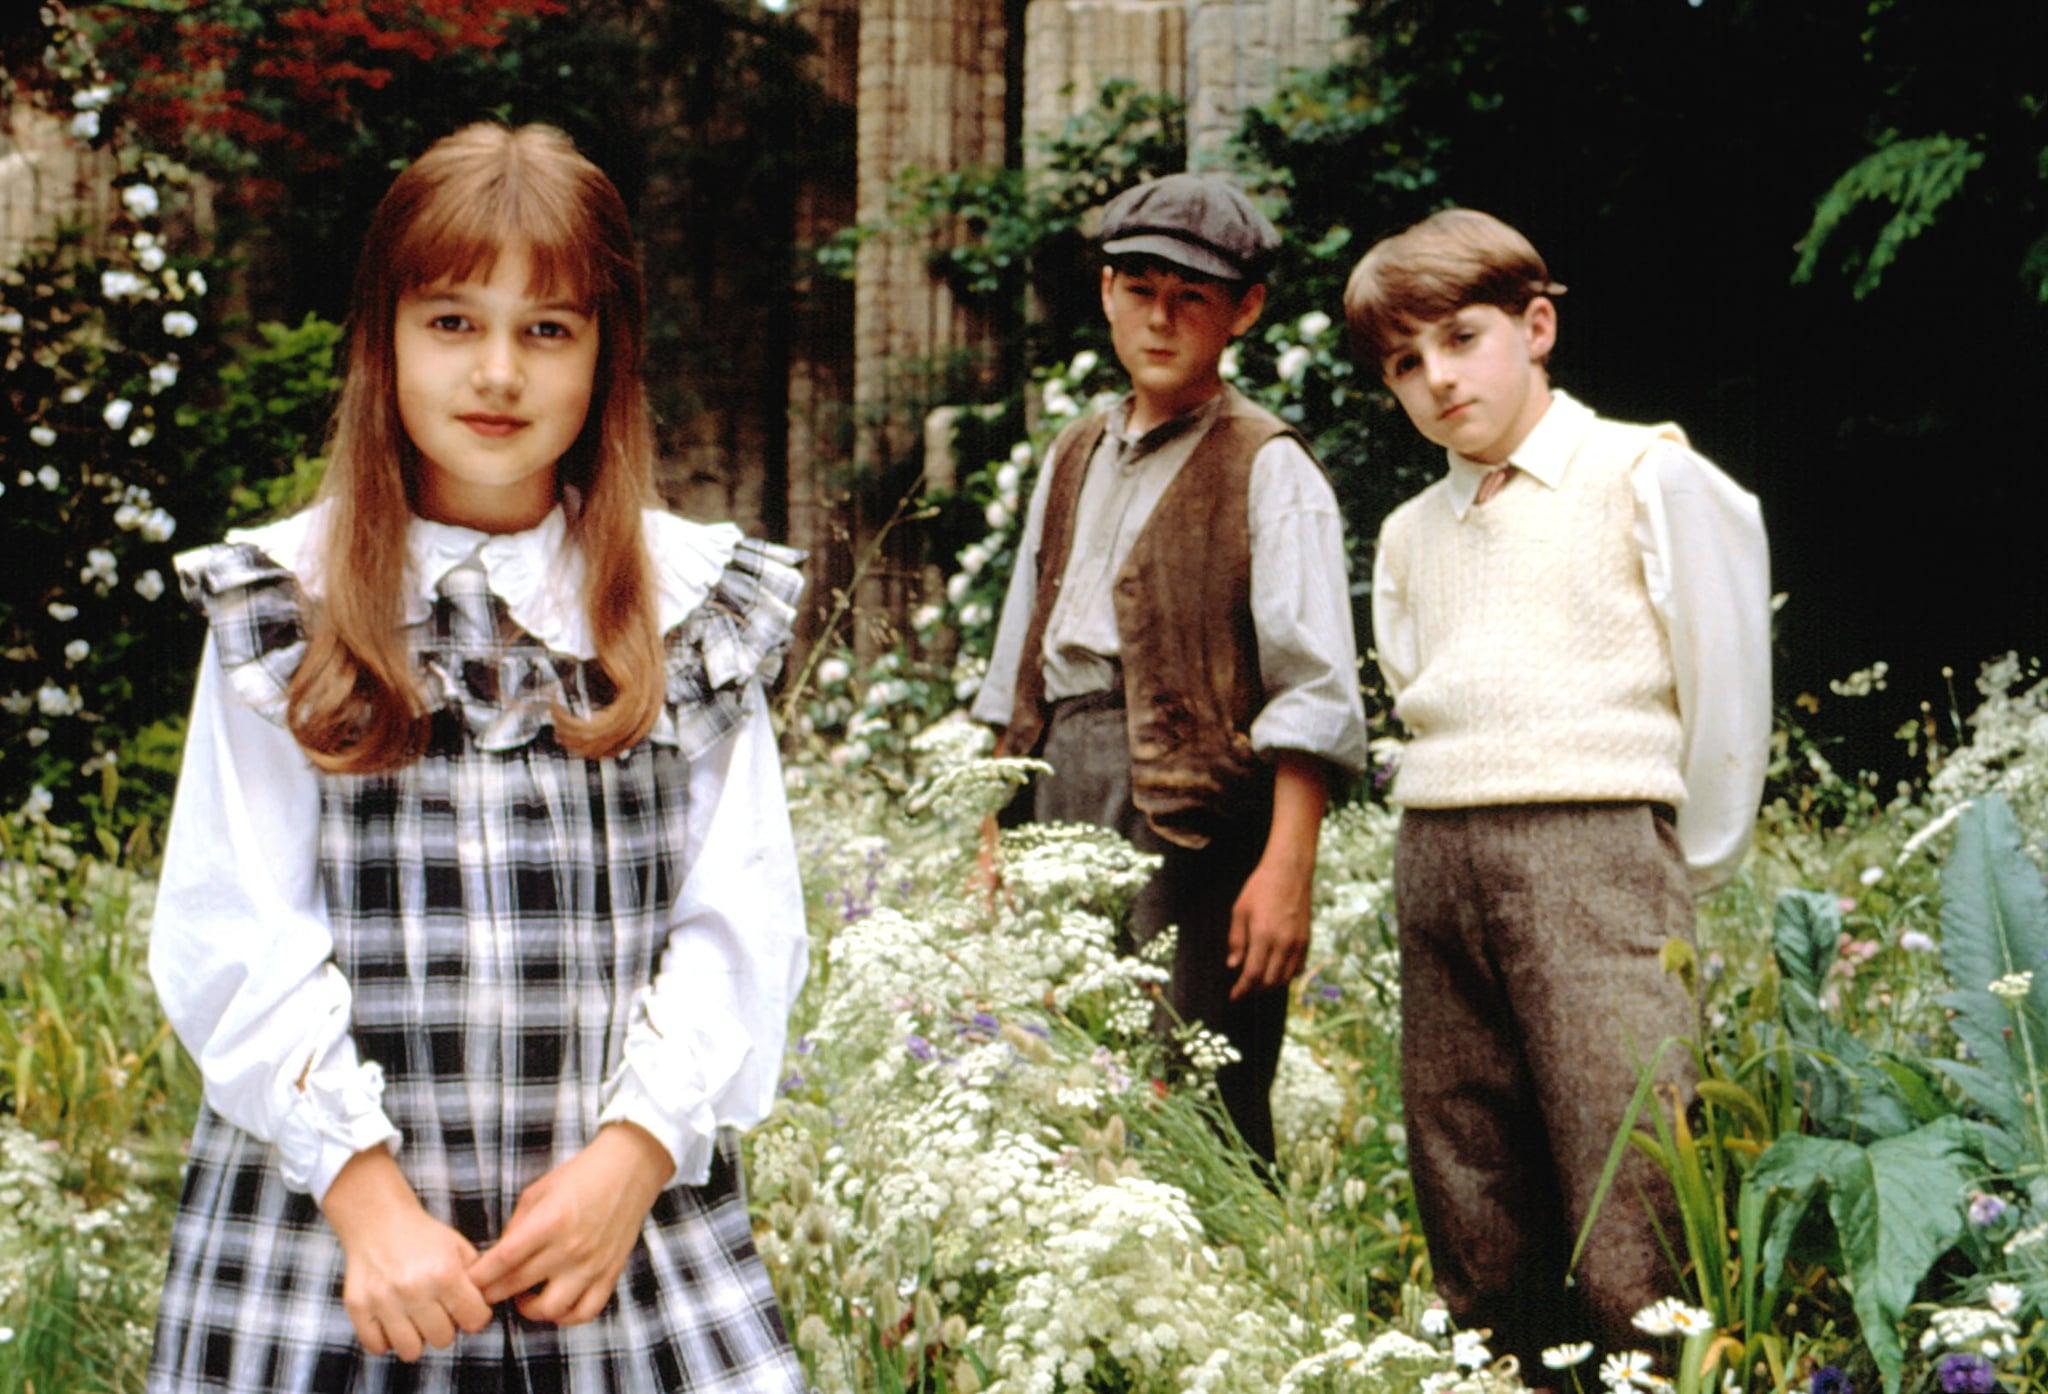 What mary from the secret garden looks like now popsugar - The secret garden 1993 full movie ...